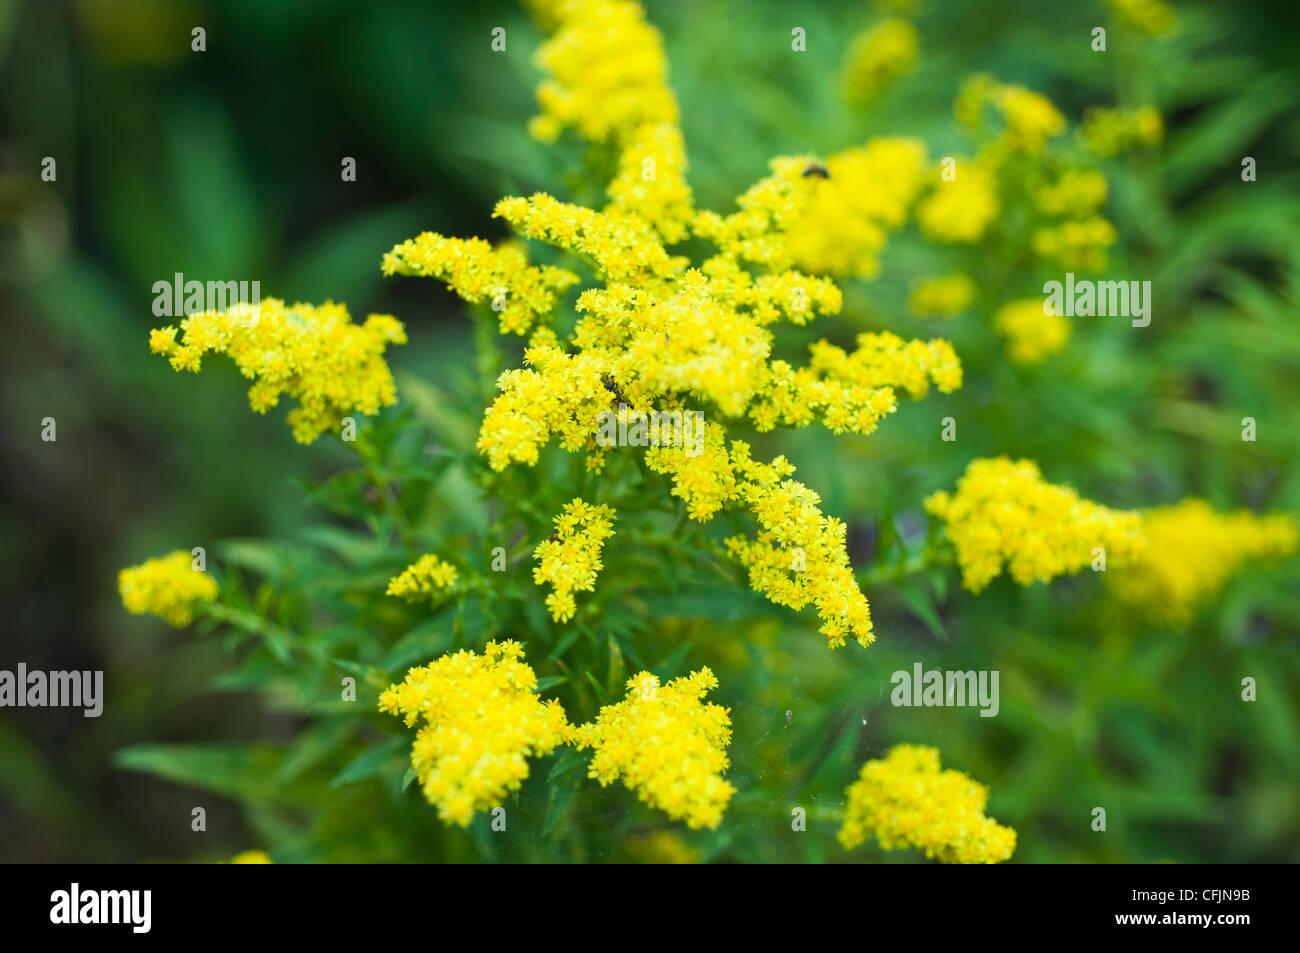 Yellow flowers of Little Lemon Goldenrod, Solidago v Dansolitlem, Asteraceae Stock Photo